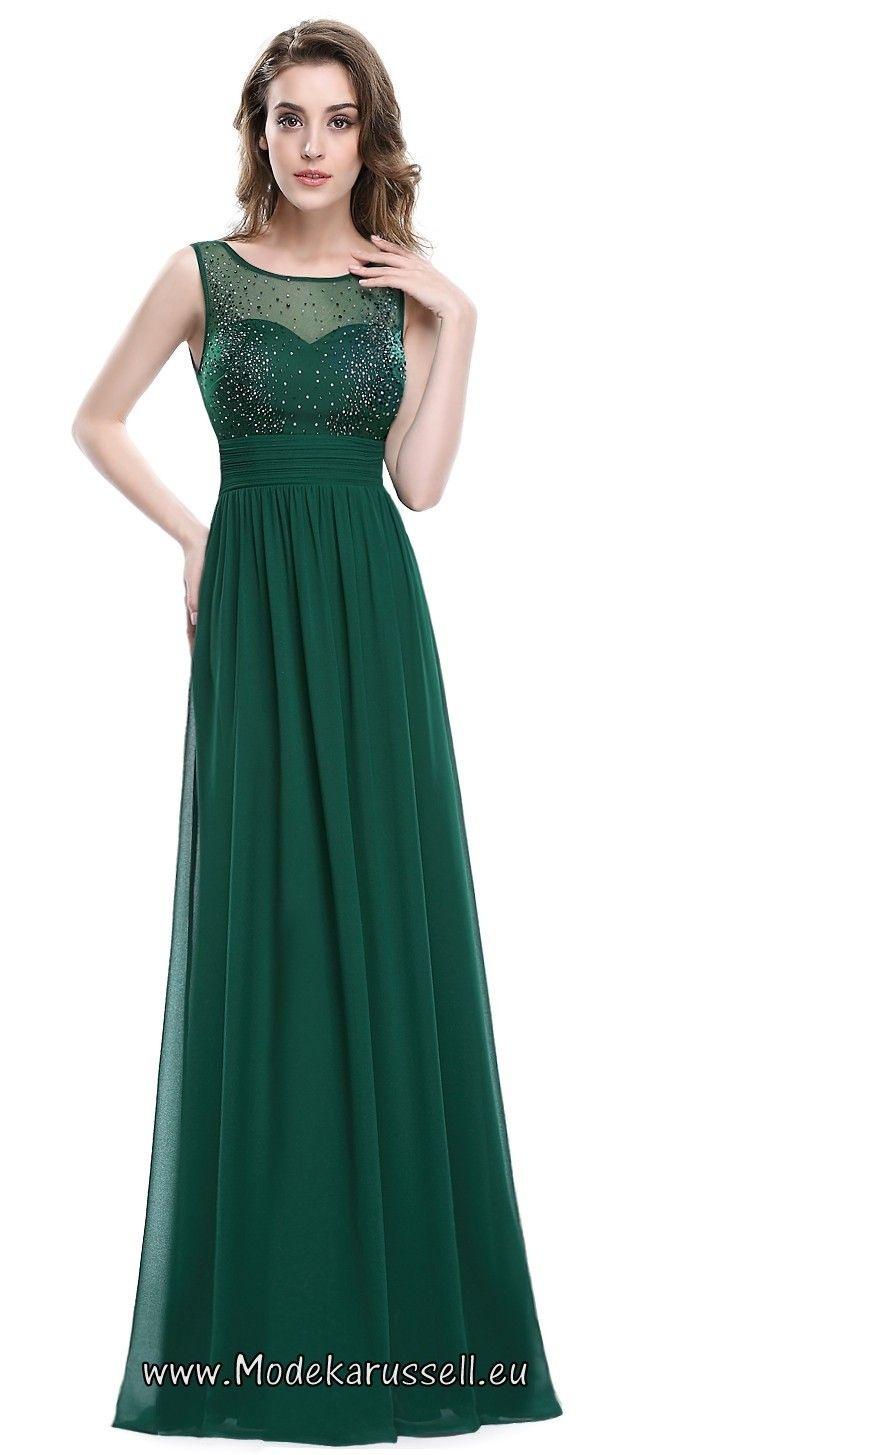 20 Schön Kleid Mintgrün Spitze Spezialgebiet15 Leicht Kleid Mintgrün Spitze Design